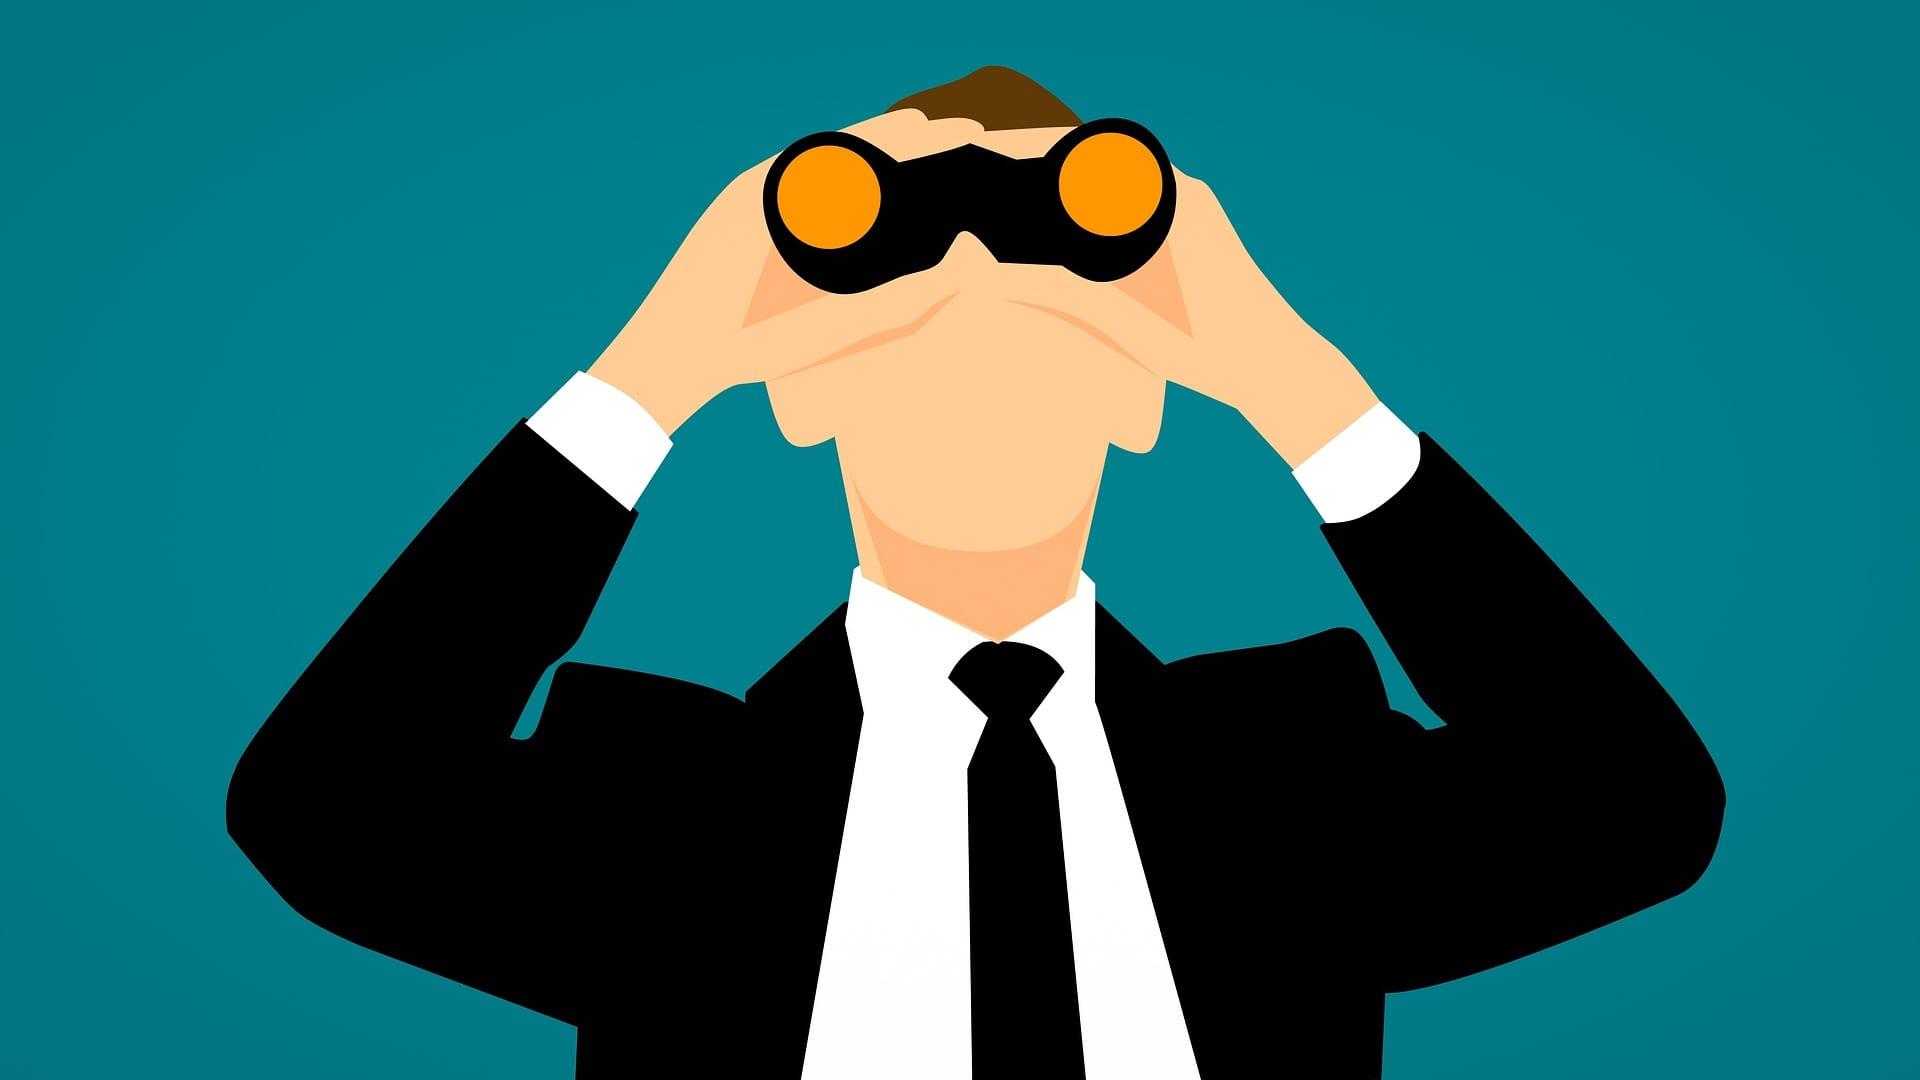 双眼鏡の画像